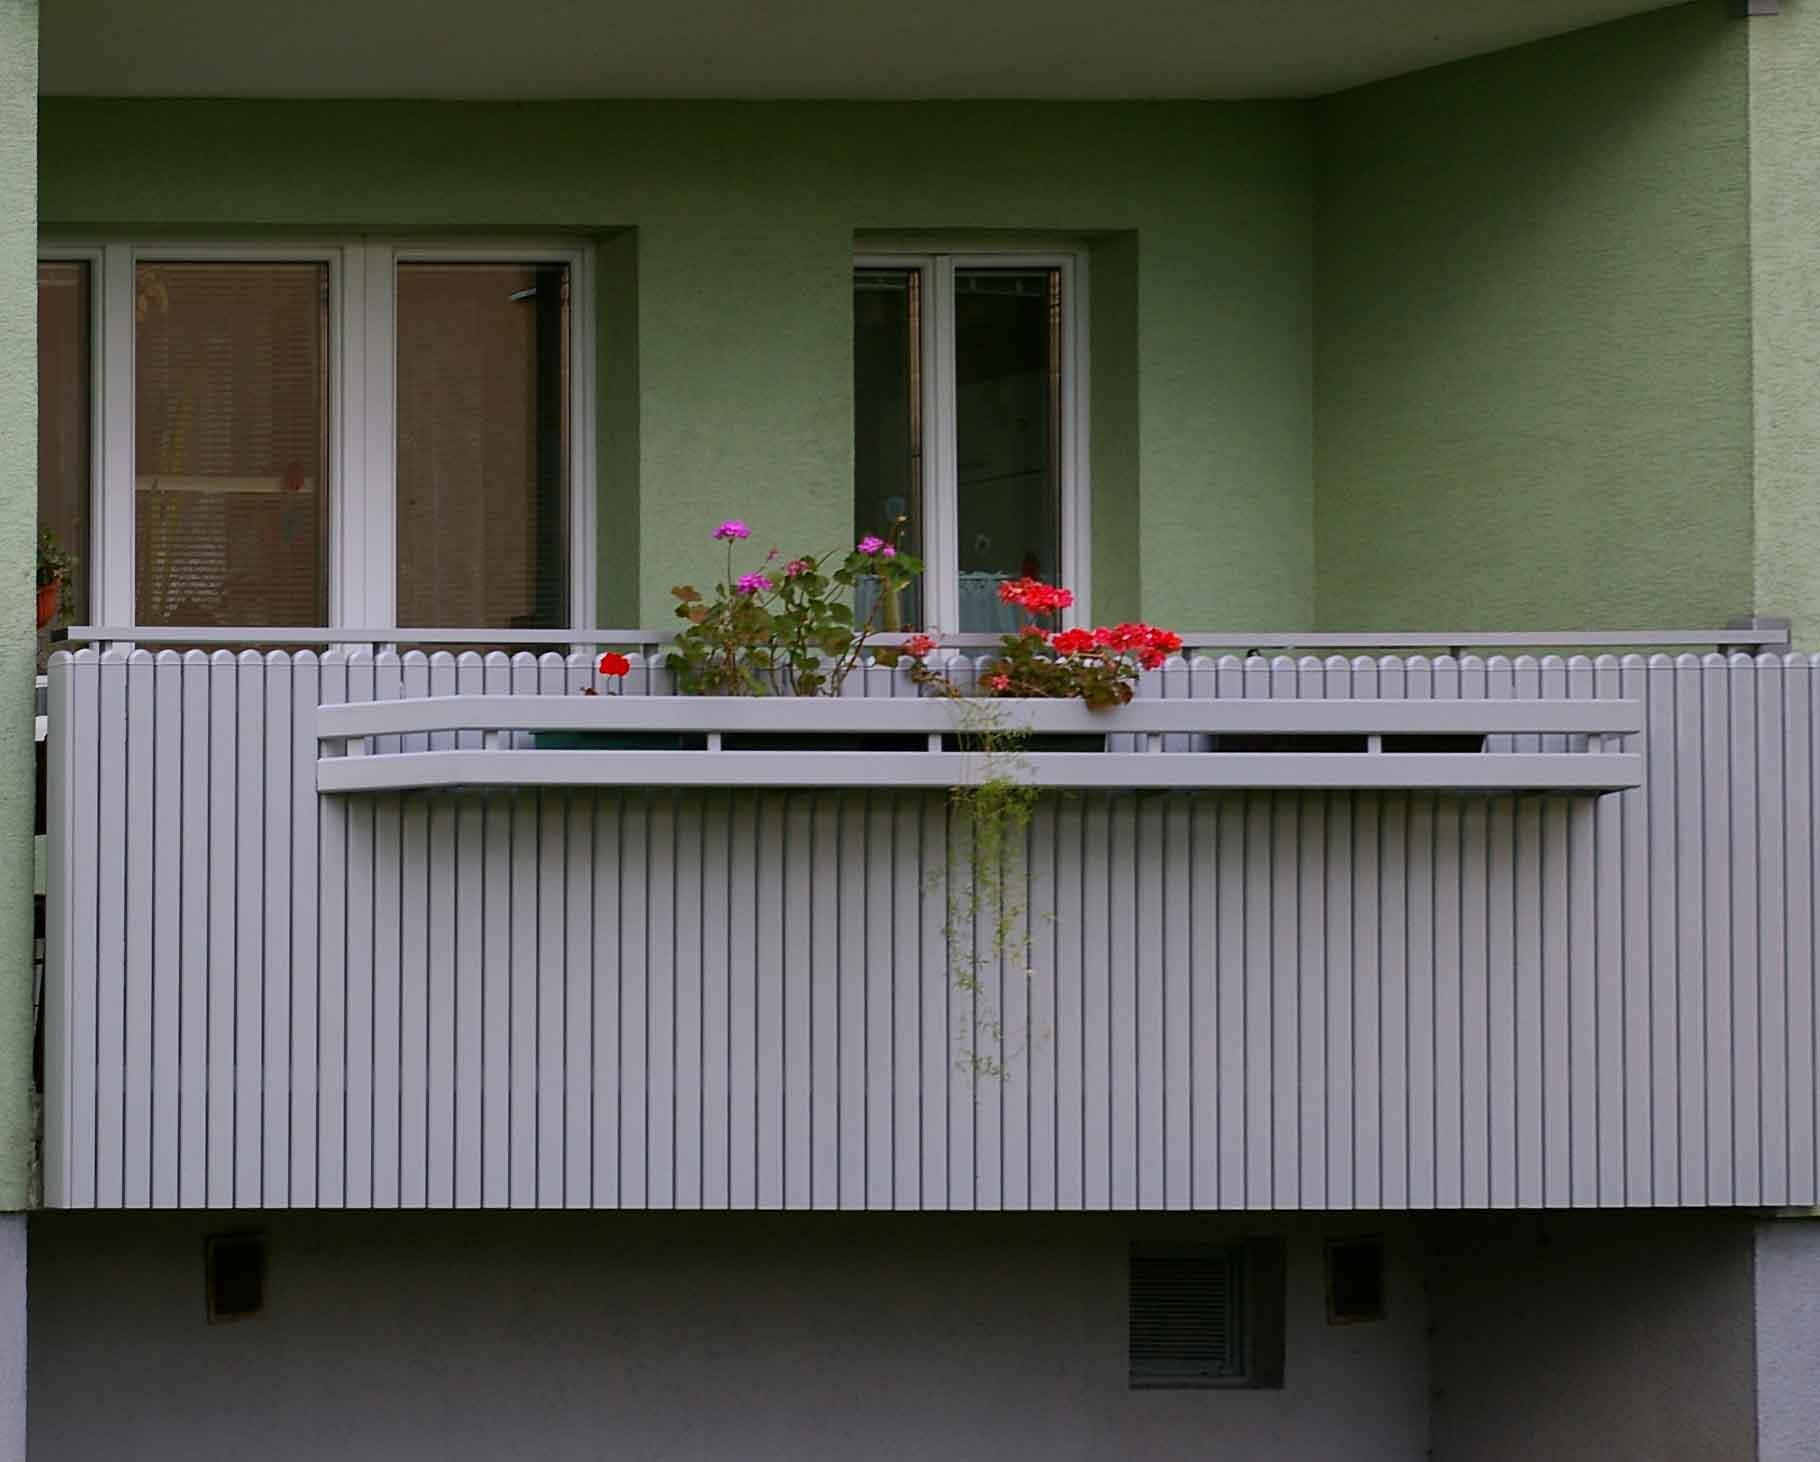 balkongel nder verkleidung kreative ideen f r innendekoration und wohndesign. Black Bedroom Furniture Sets. Home Design Ideas